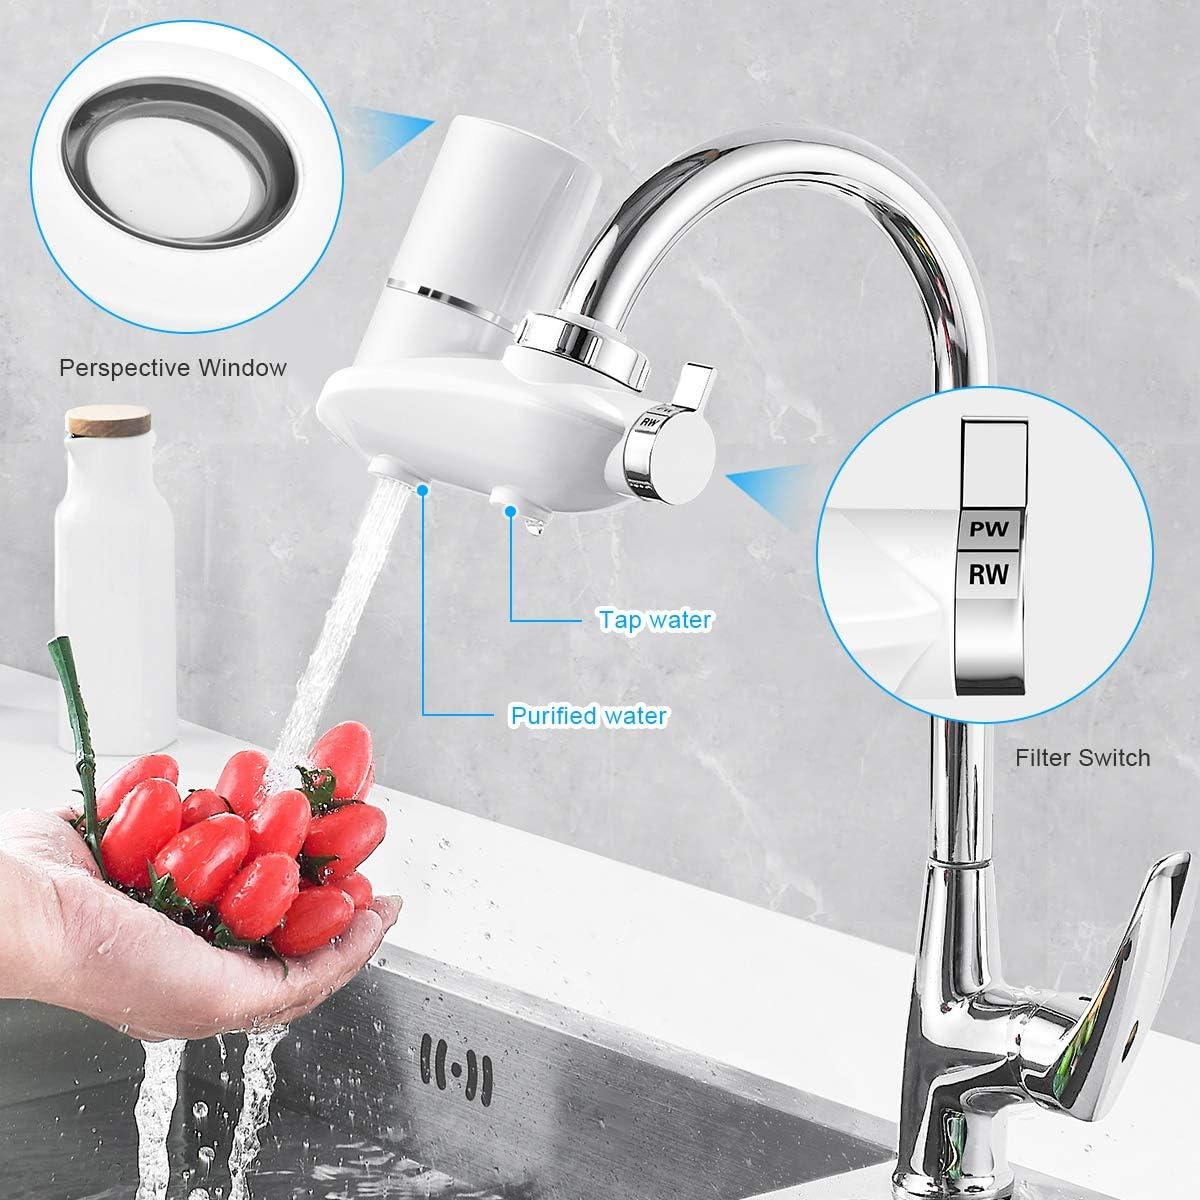 WinArrow Filtro Agua para Grifo, Sistema de Filtro de Cocina Filtro de Grifo con Cartucho de Filtro de Cerámica Lavable Elimina el Cloro Pesticidas y Metal Pesado (WA790): Amazon.es: Hogar